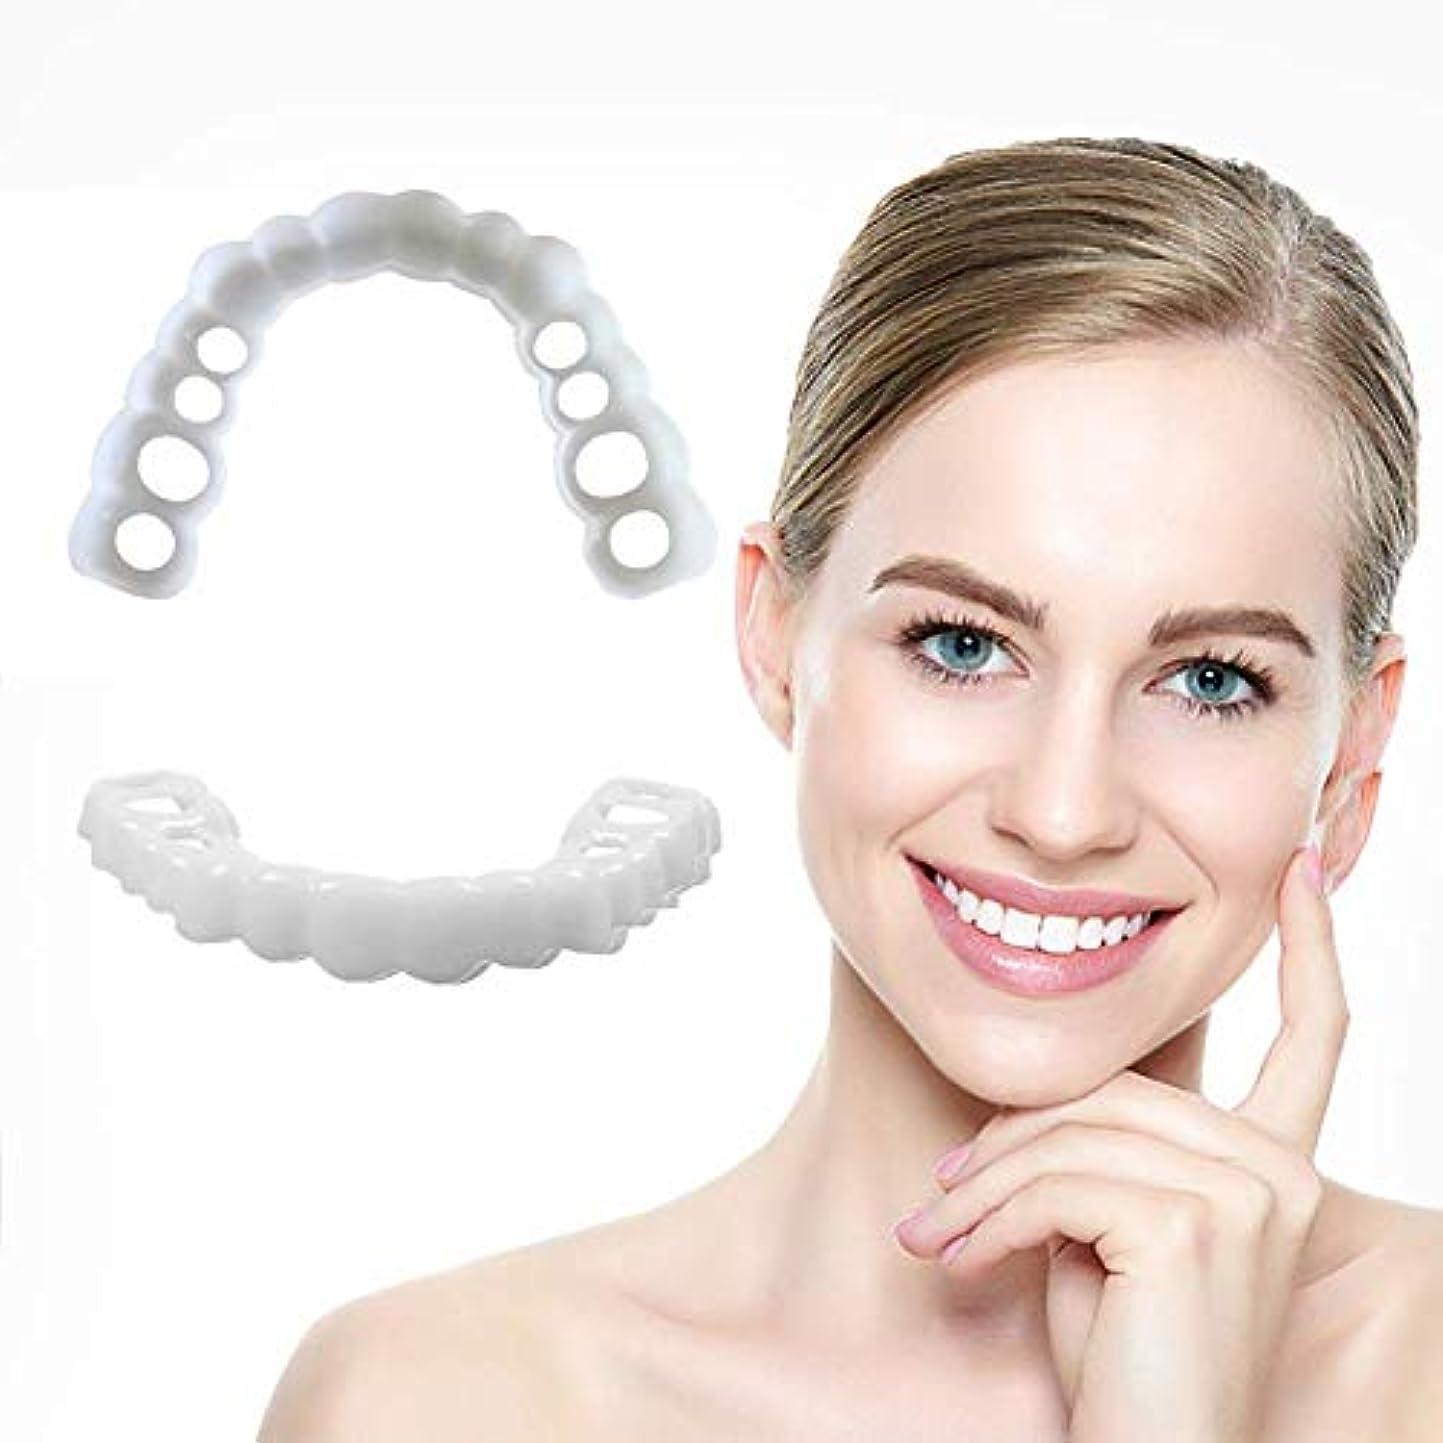 溶融抵当禁輸セットの第二世代のシリコーンのシミュレーションの歯科用義歯を白くする上下の歯の模擬装具,3pcs,Upperteeth